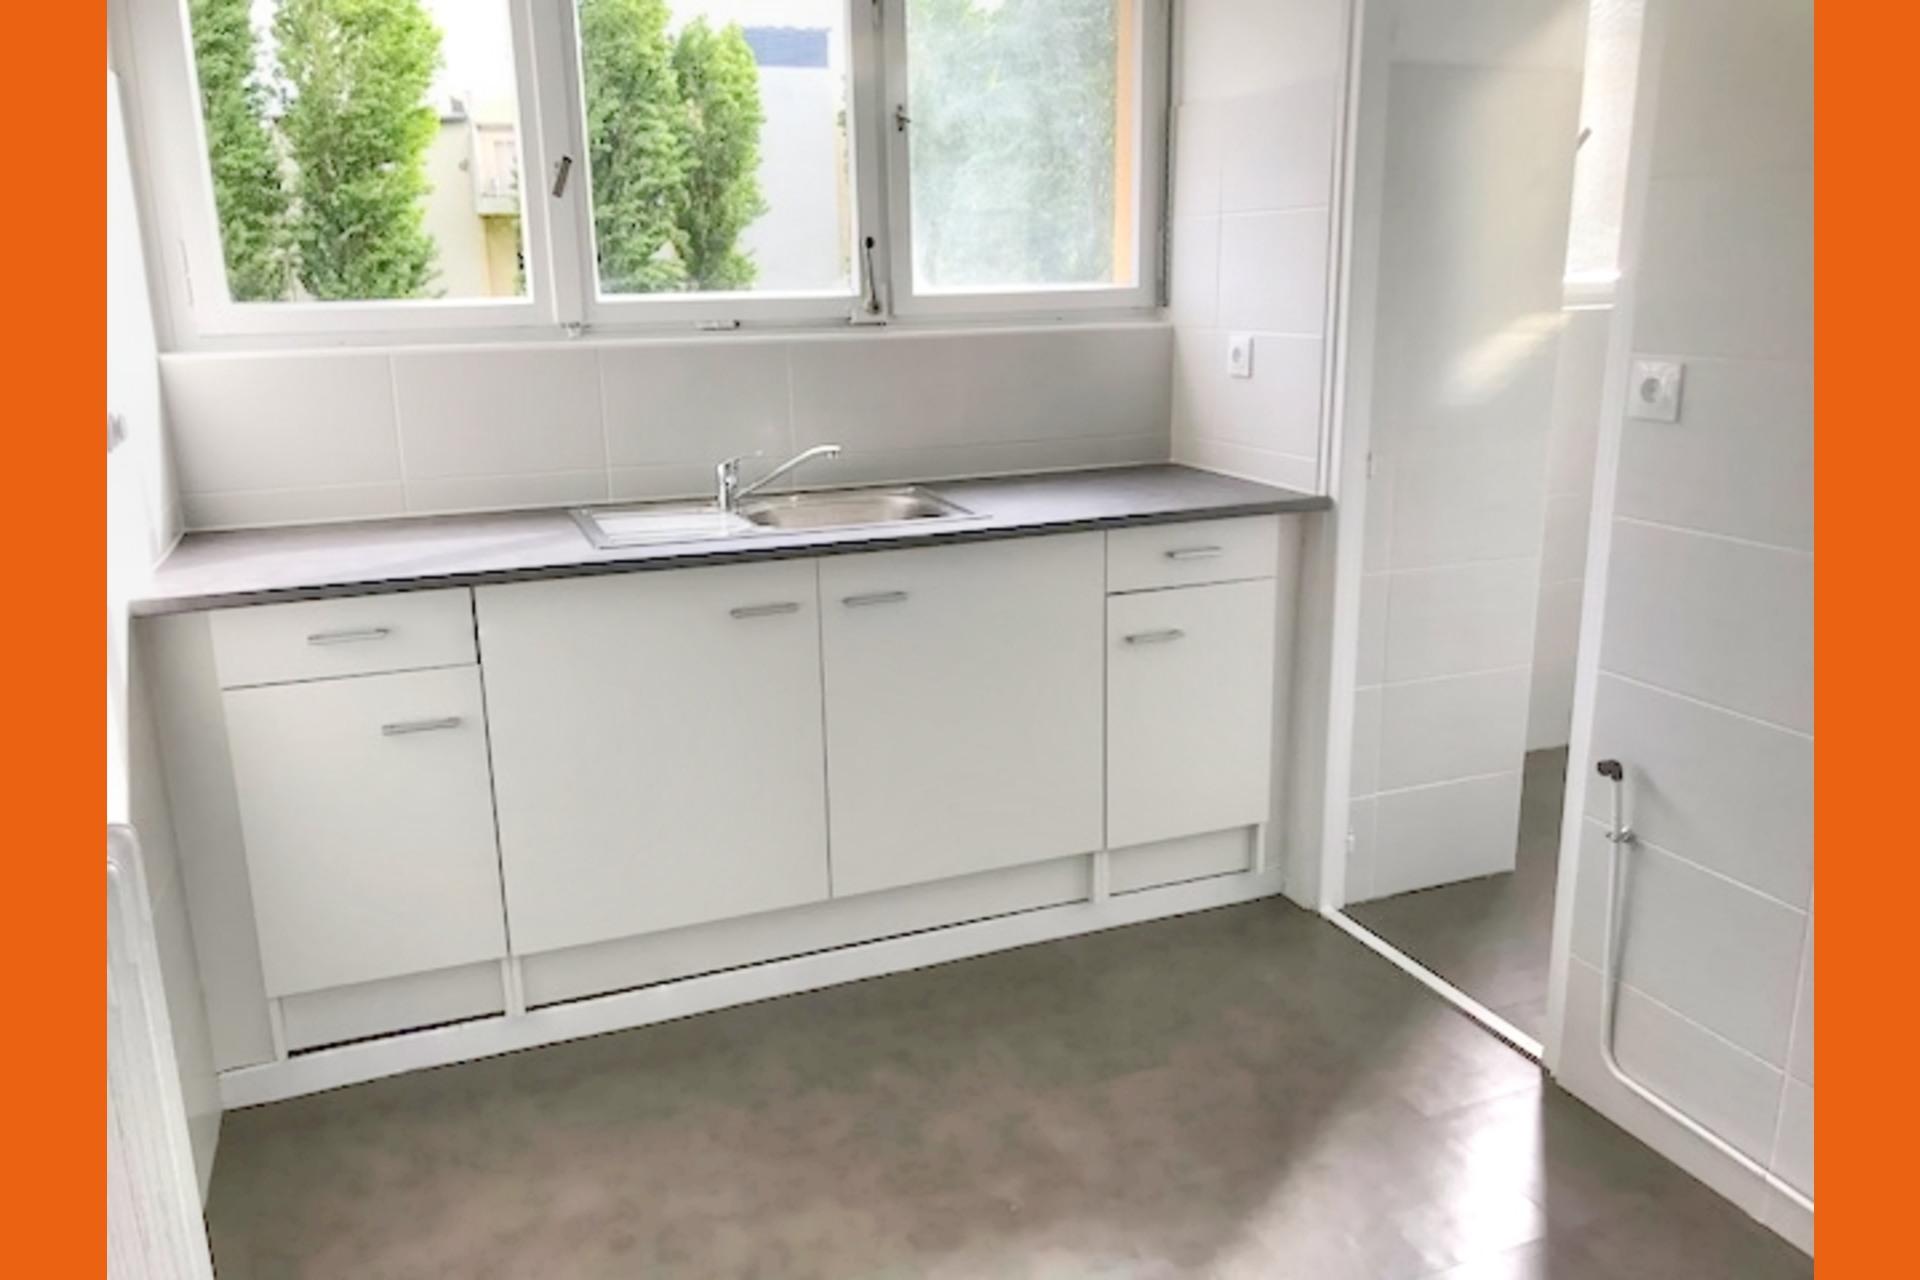 image 2 - Appartement À vendre Longeville-lès-Metz - 4 pièces